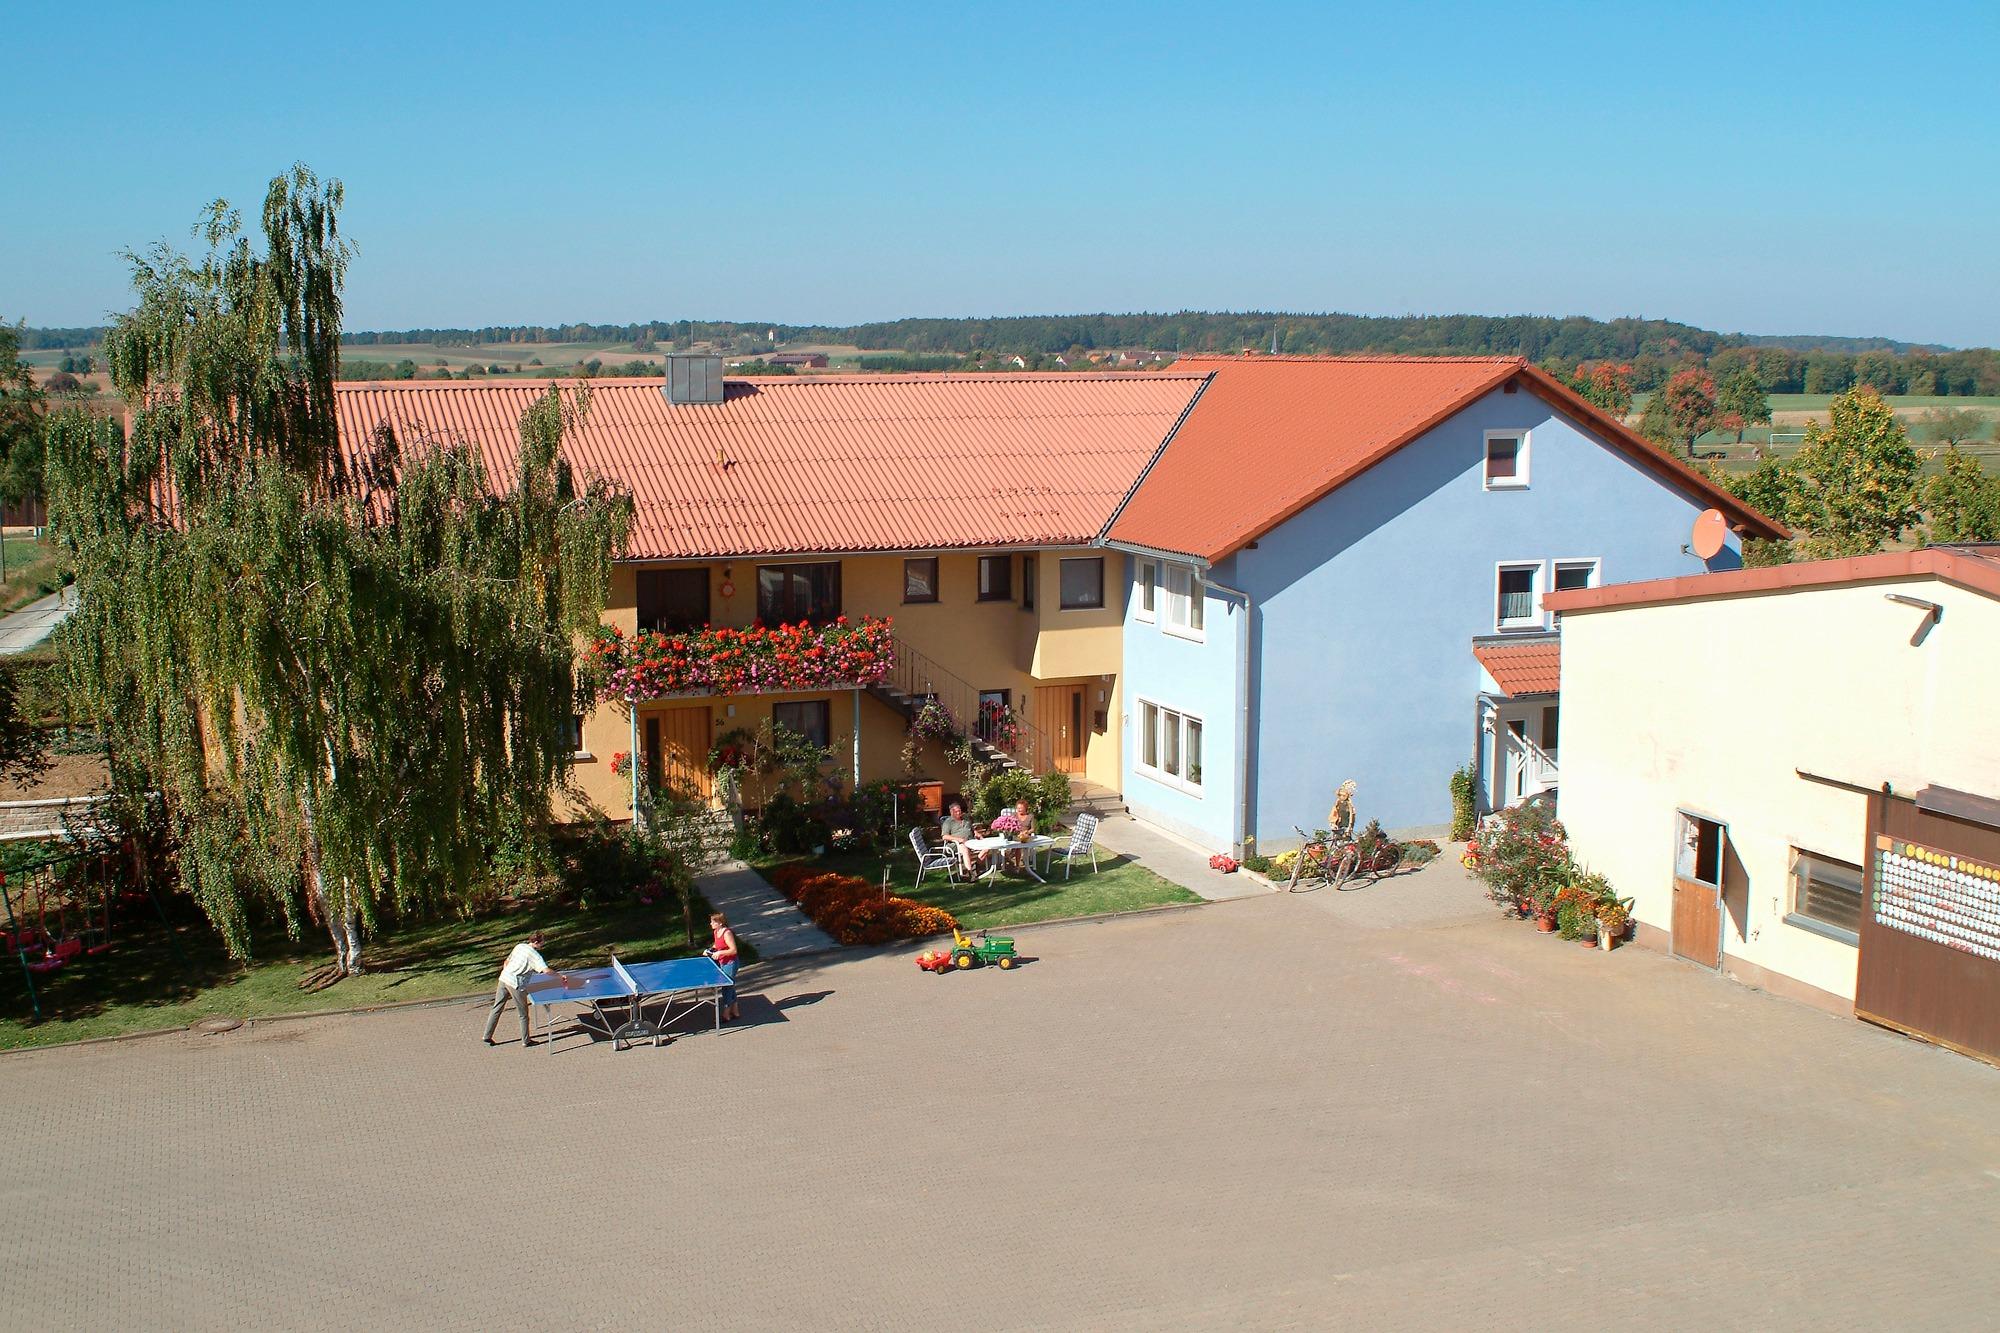 Ferienwohnung Mitmach-Bauernhof Ferienhof Arold Bienenhaus (1894975), Creglingen, Taubertal, Baden-Württemberg, Deutschland, Bild 15